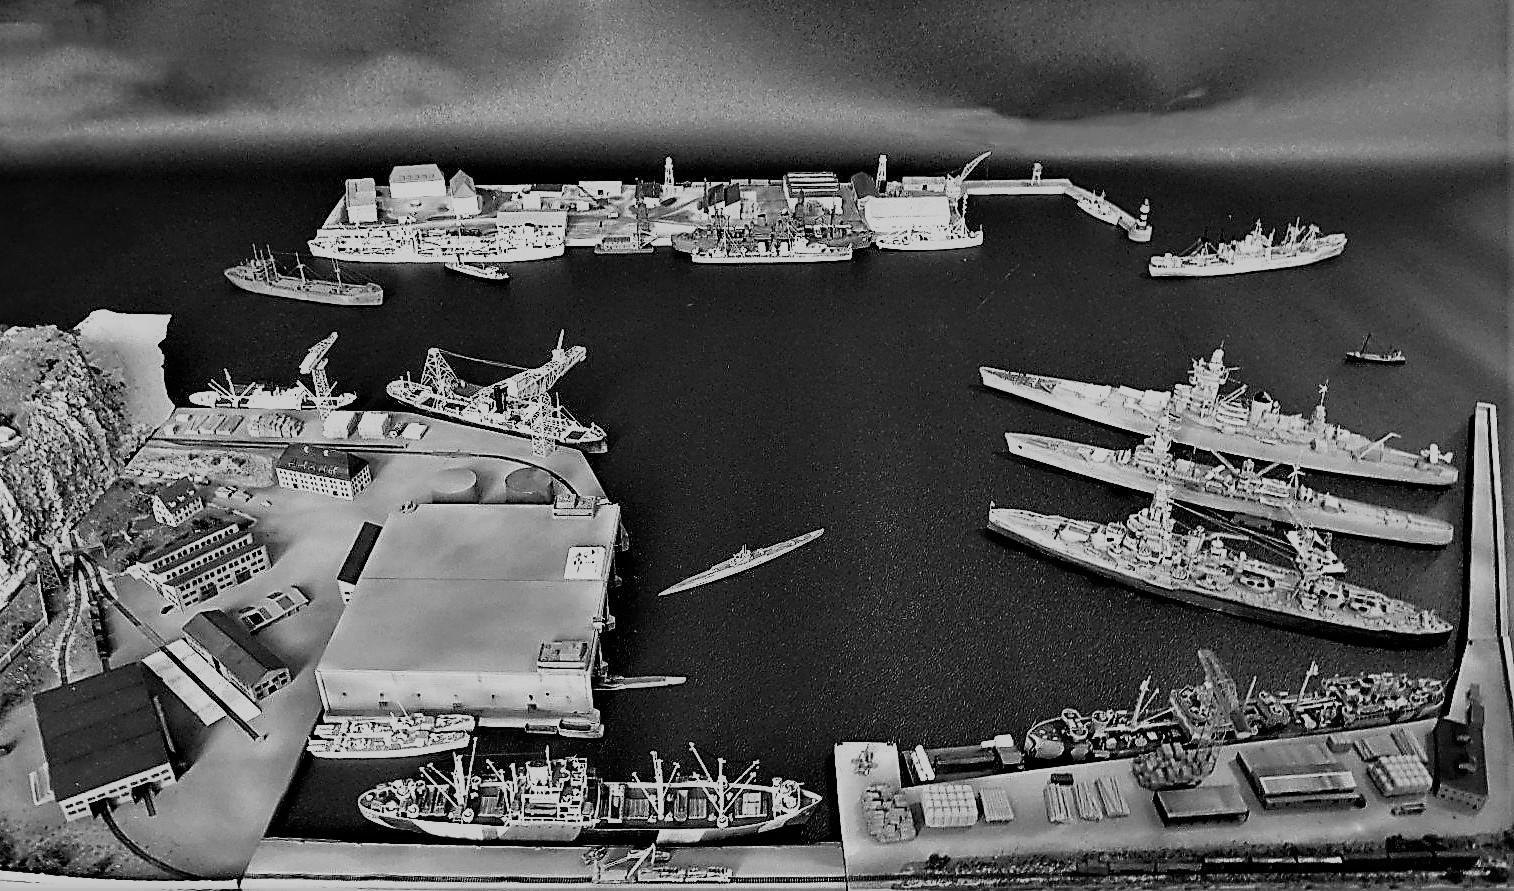 Diorama base navale 1/700 par Nesquik - Page 4 GRZcVPrm